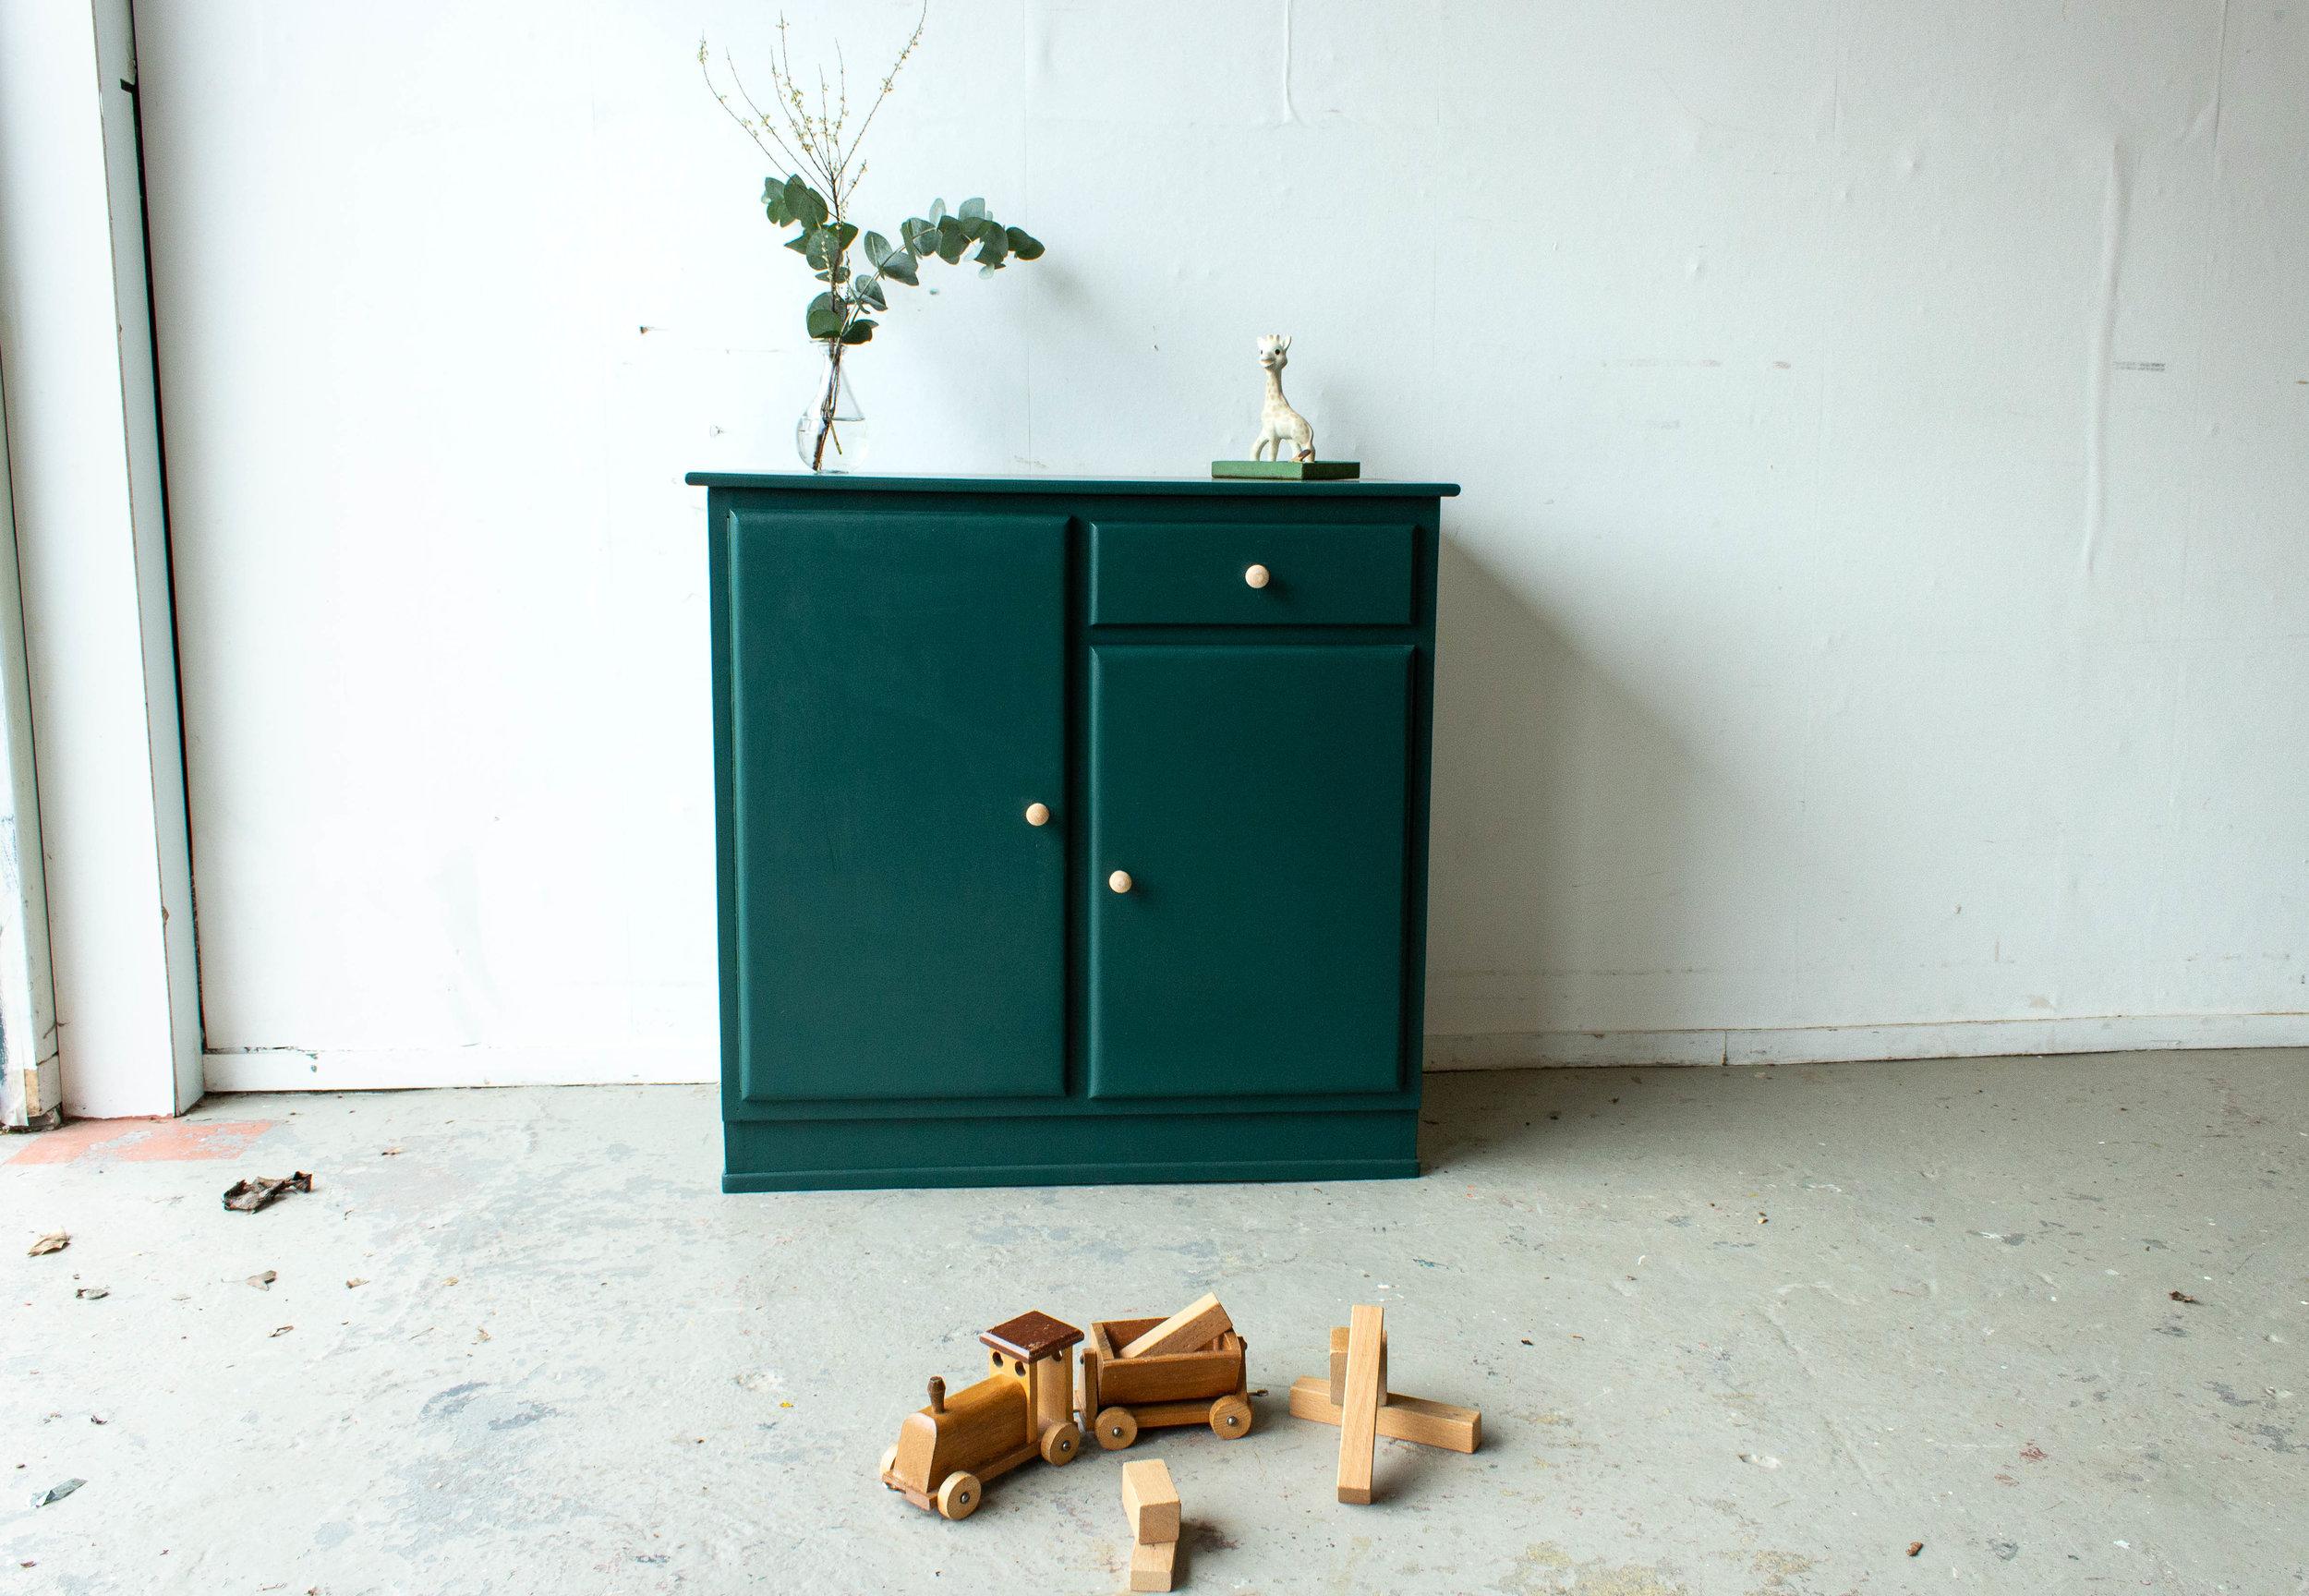 1450 - Groen vintage speelgoedkastje.jpg